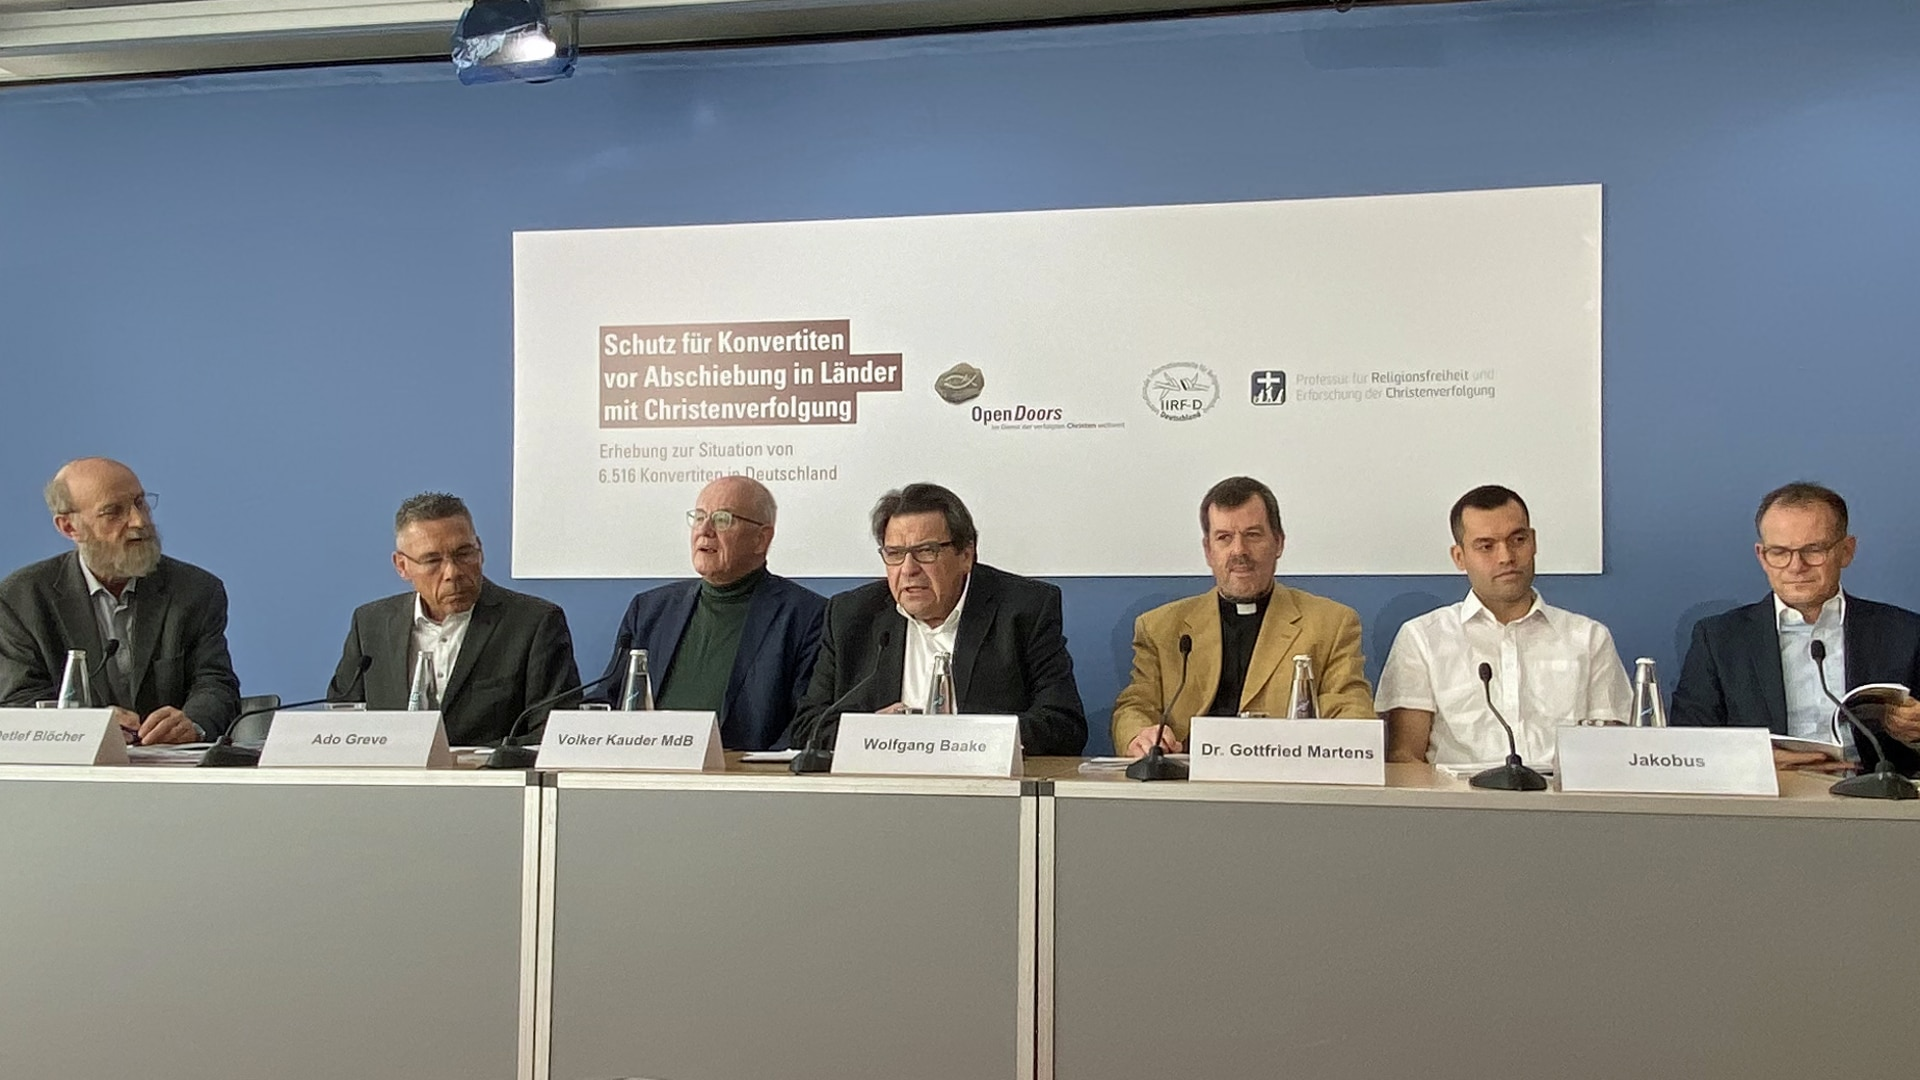 Teilnehmer der Pressekonferenz am Montag in Berlin: (v.l.) Detlef Blöcher, Ado Greve, Volker Kauder, Wolfgang Baake, Gottfried Martens, Konvertit Jakobus, Reinhardt Schink